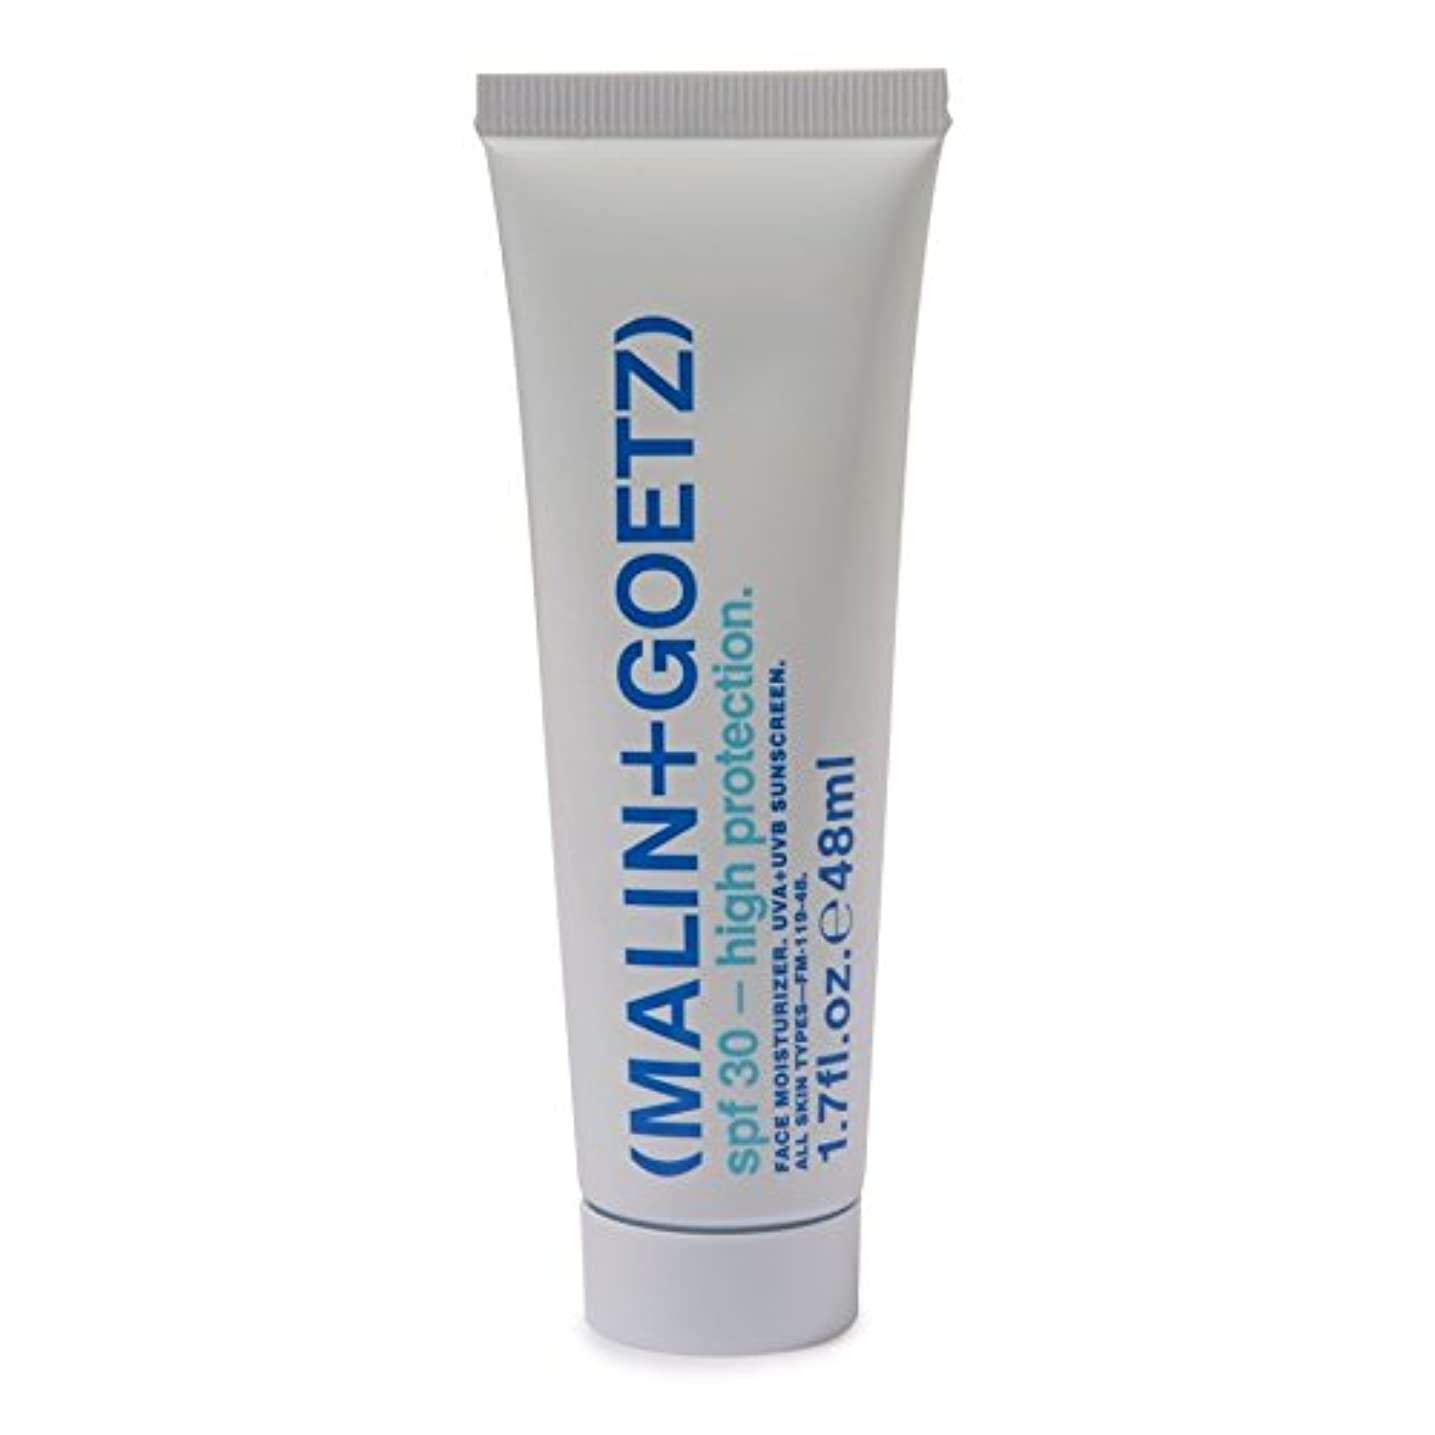 折り目シンボル膨らませるマリン+ゲッツ顔の保湿剤の 30 48ミリリットル x2 - MALIN+GOETZ Face Moisturiser SPF 30 48ml (Pack of 2) [並行輸入品]